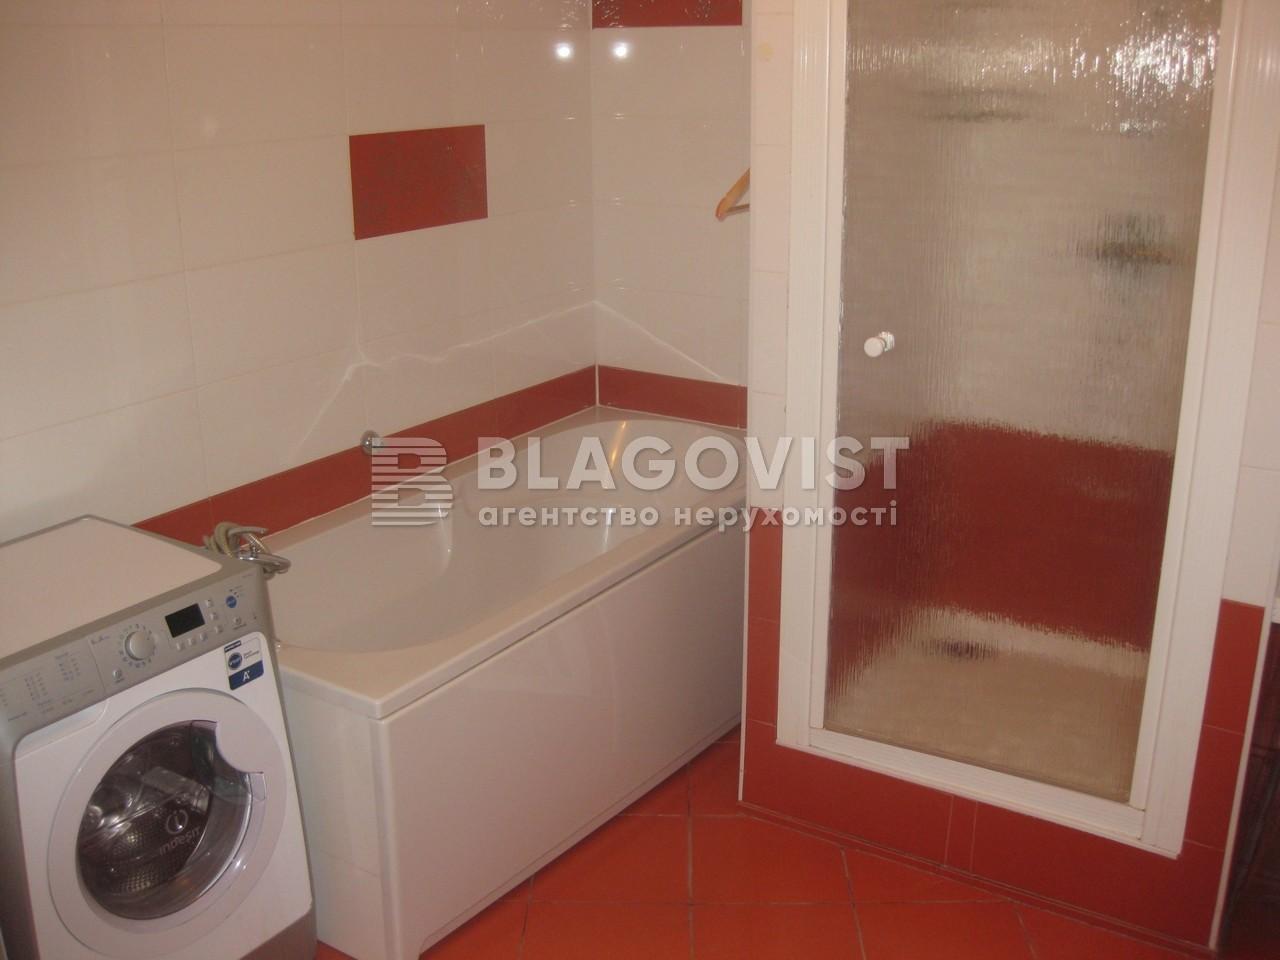 Квартира D-10075, Панаса Мирного, 28а, Киев - Фото 11